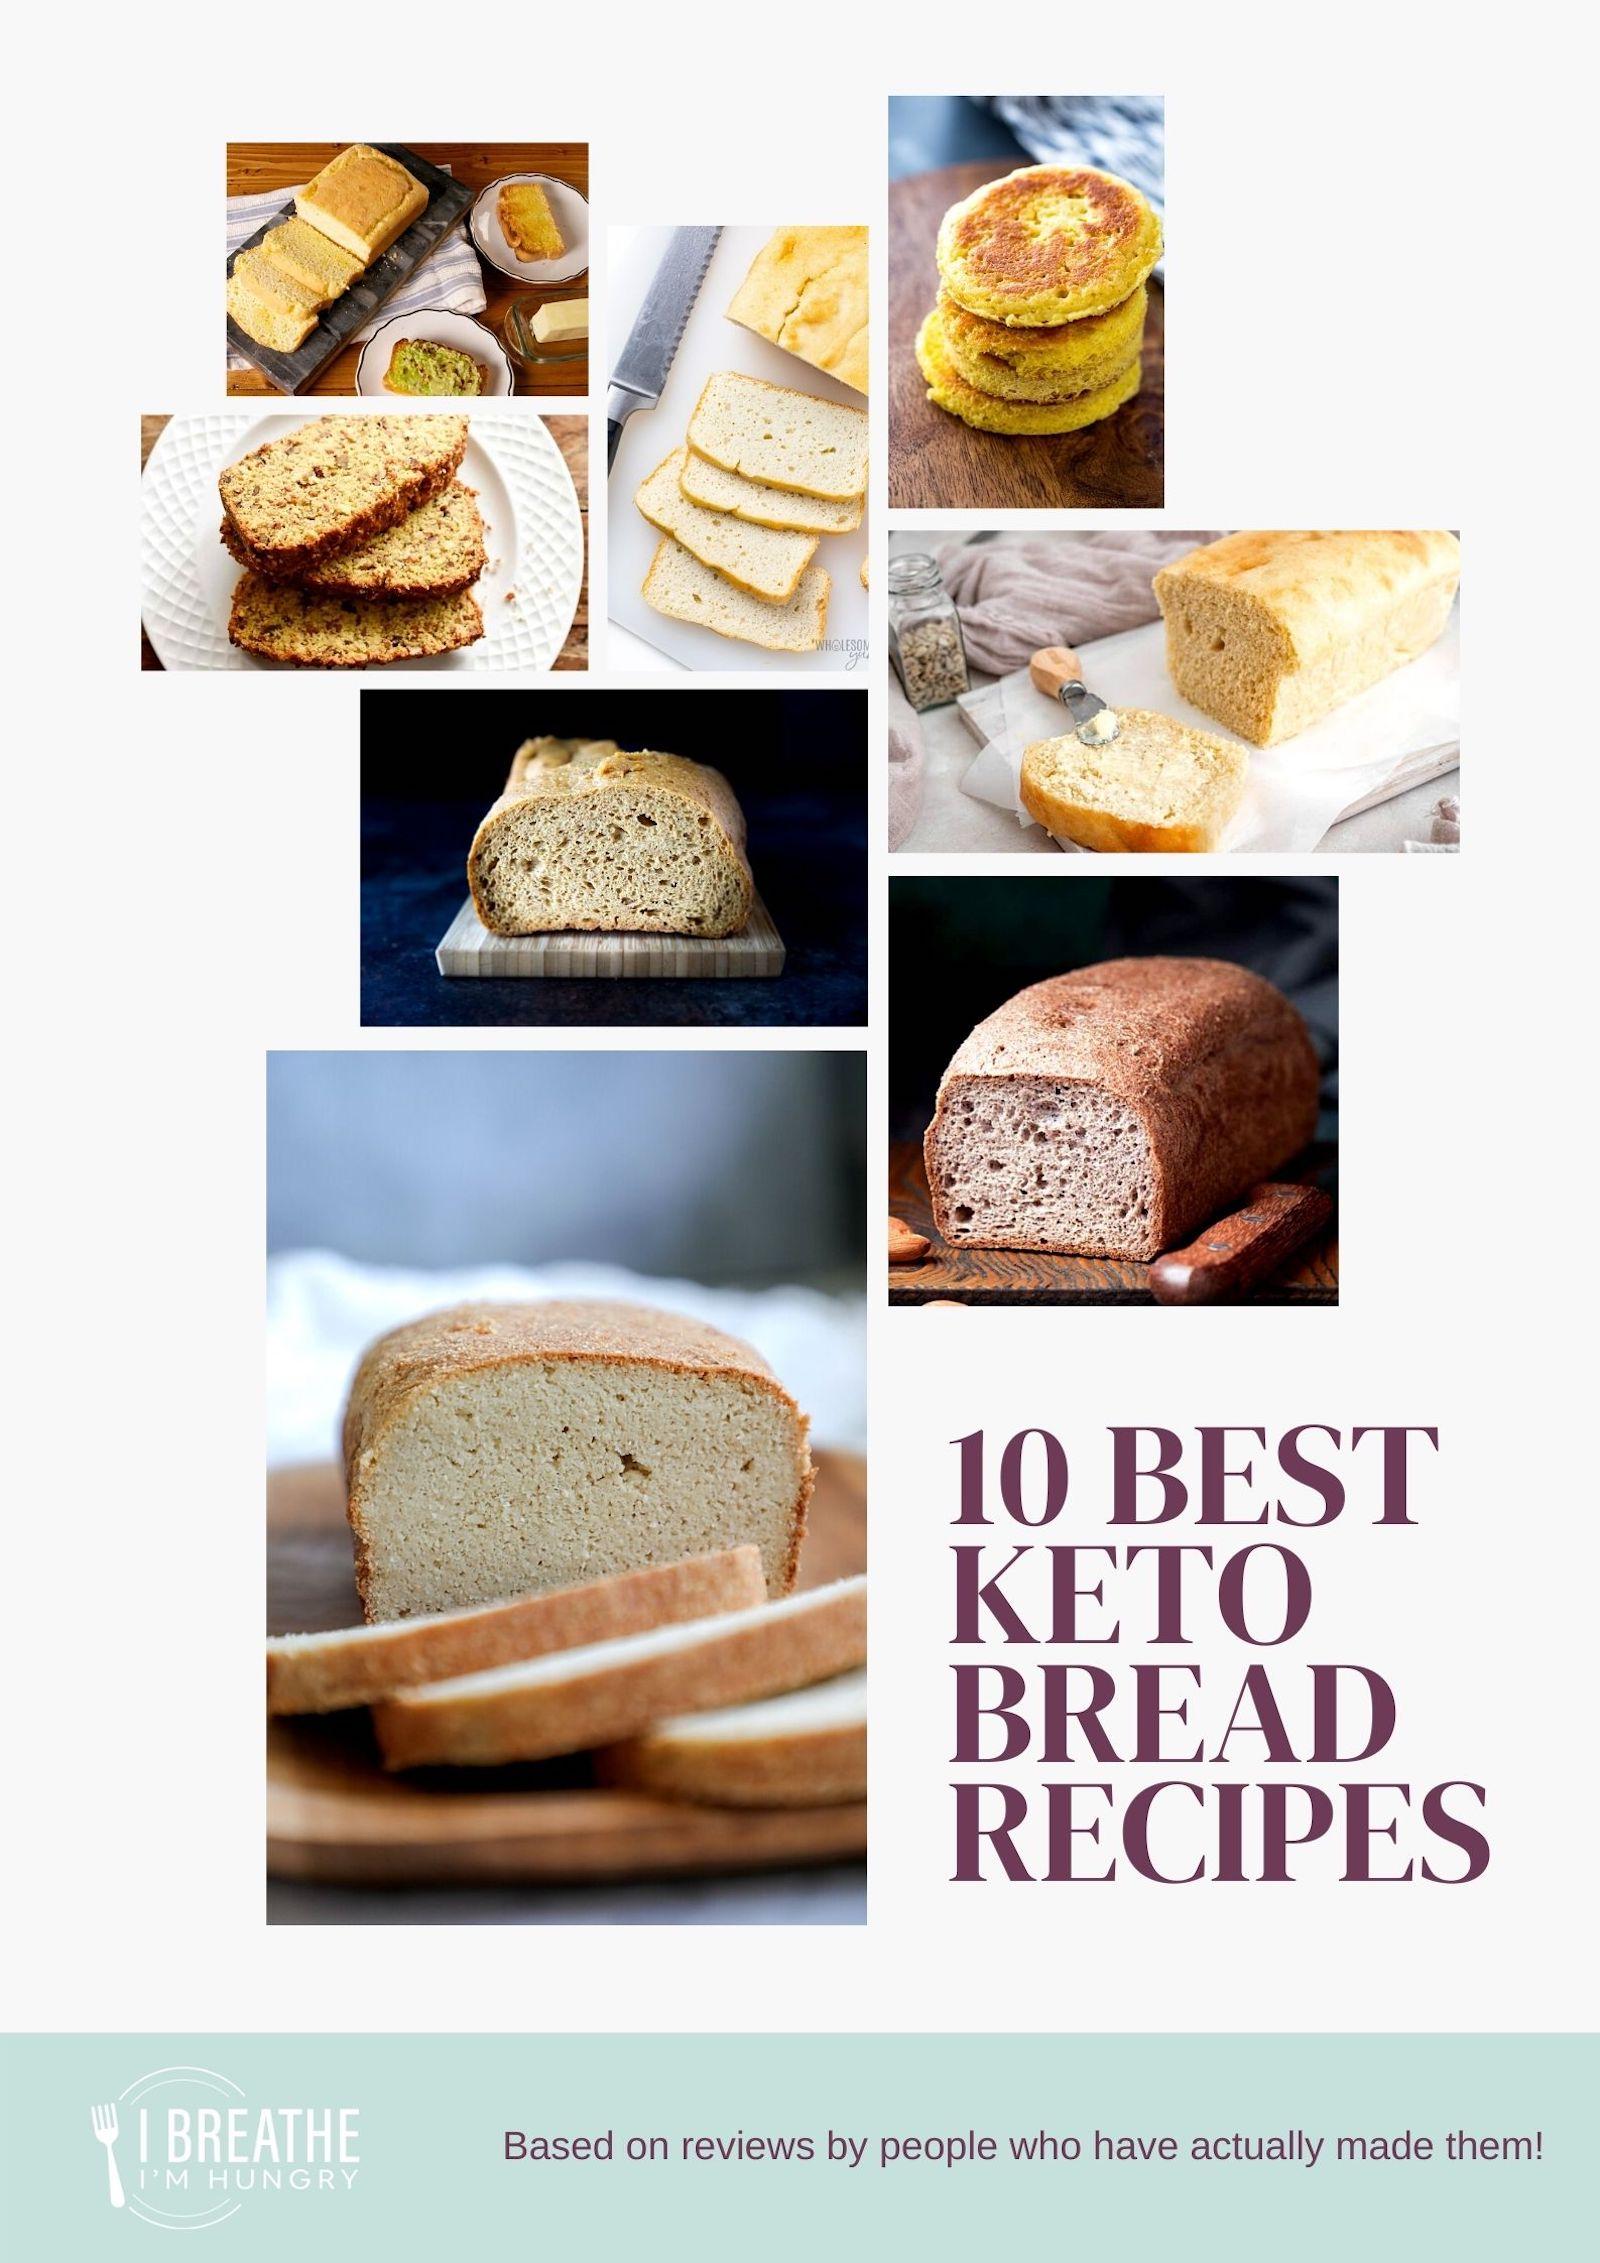 10 Best Keto Bread Recipes graphic